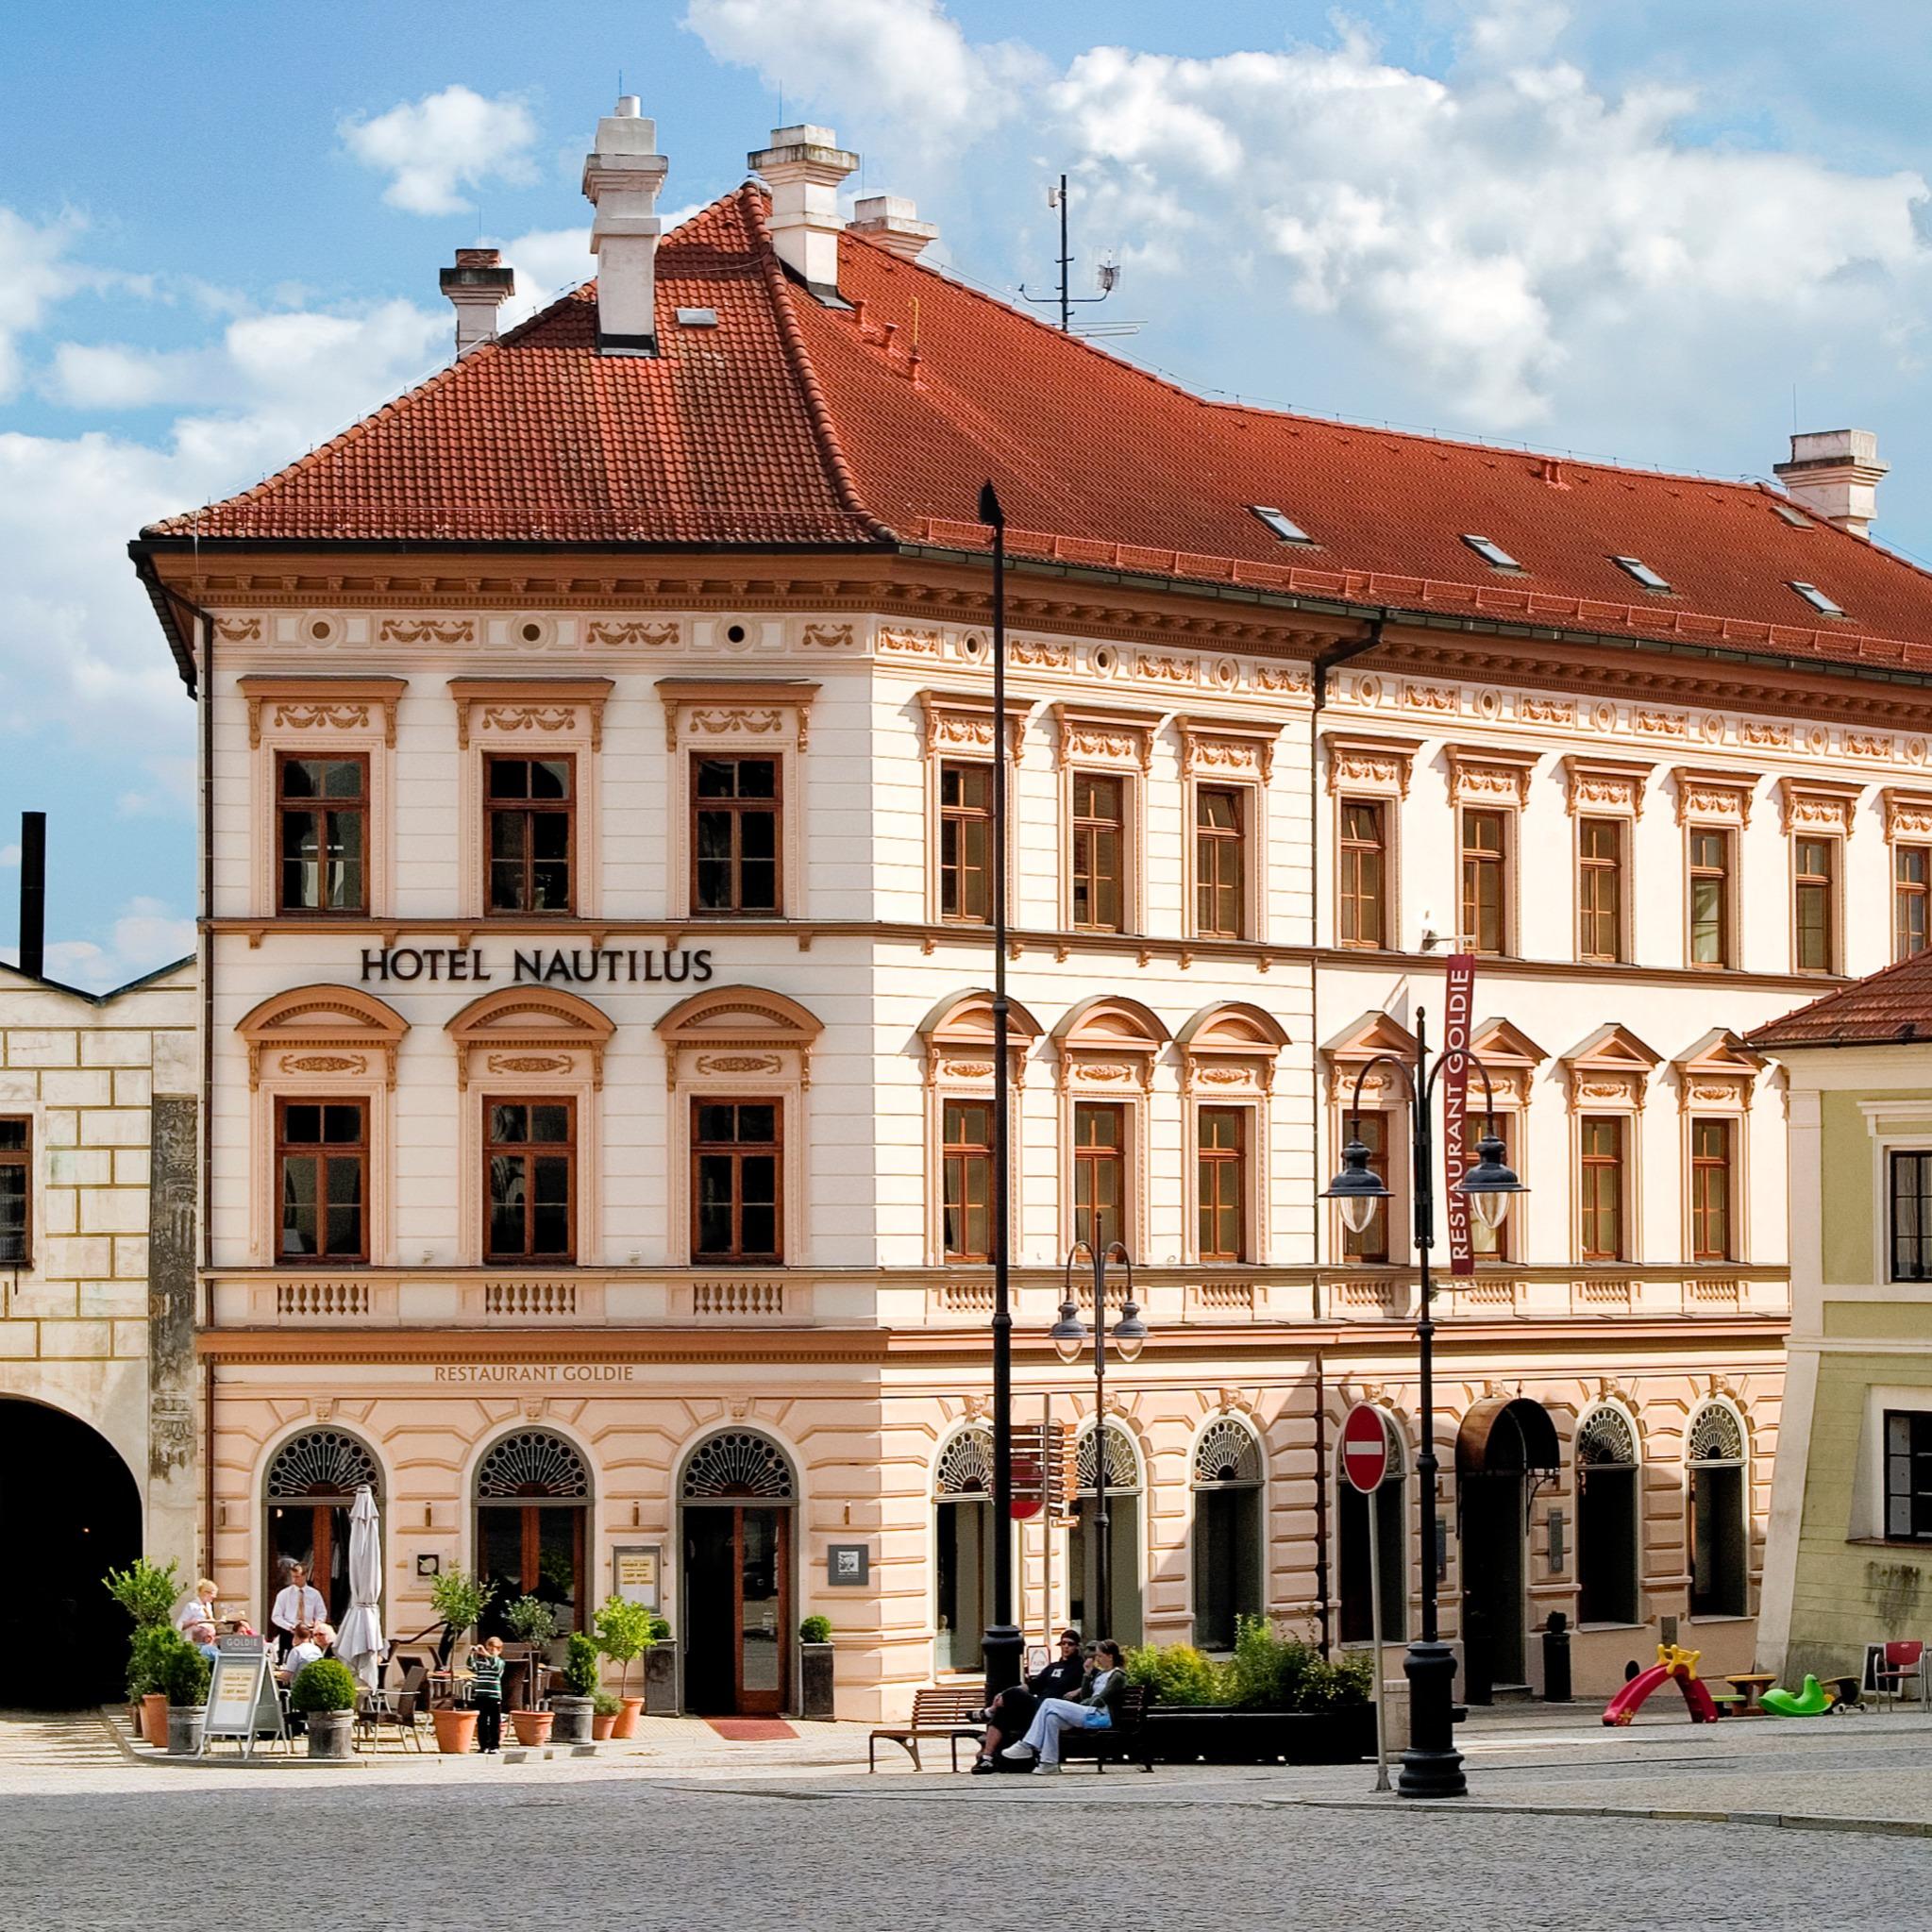 Austria and the Czech Republic